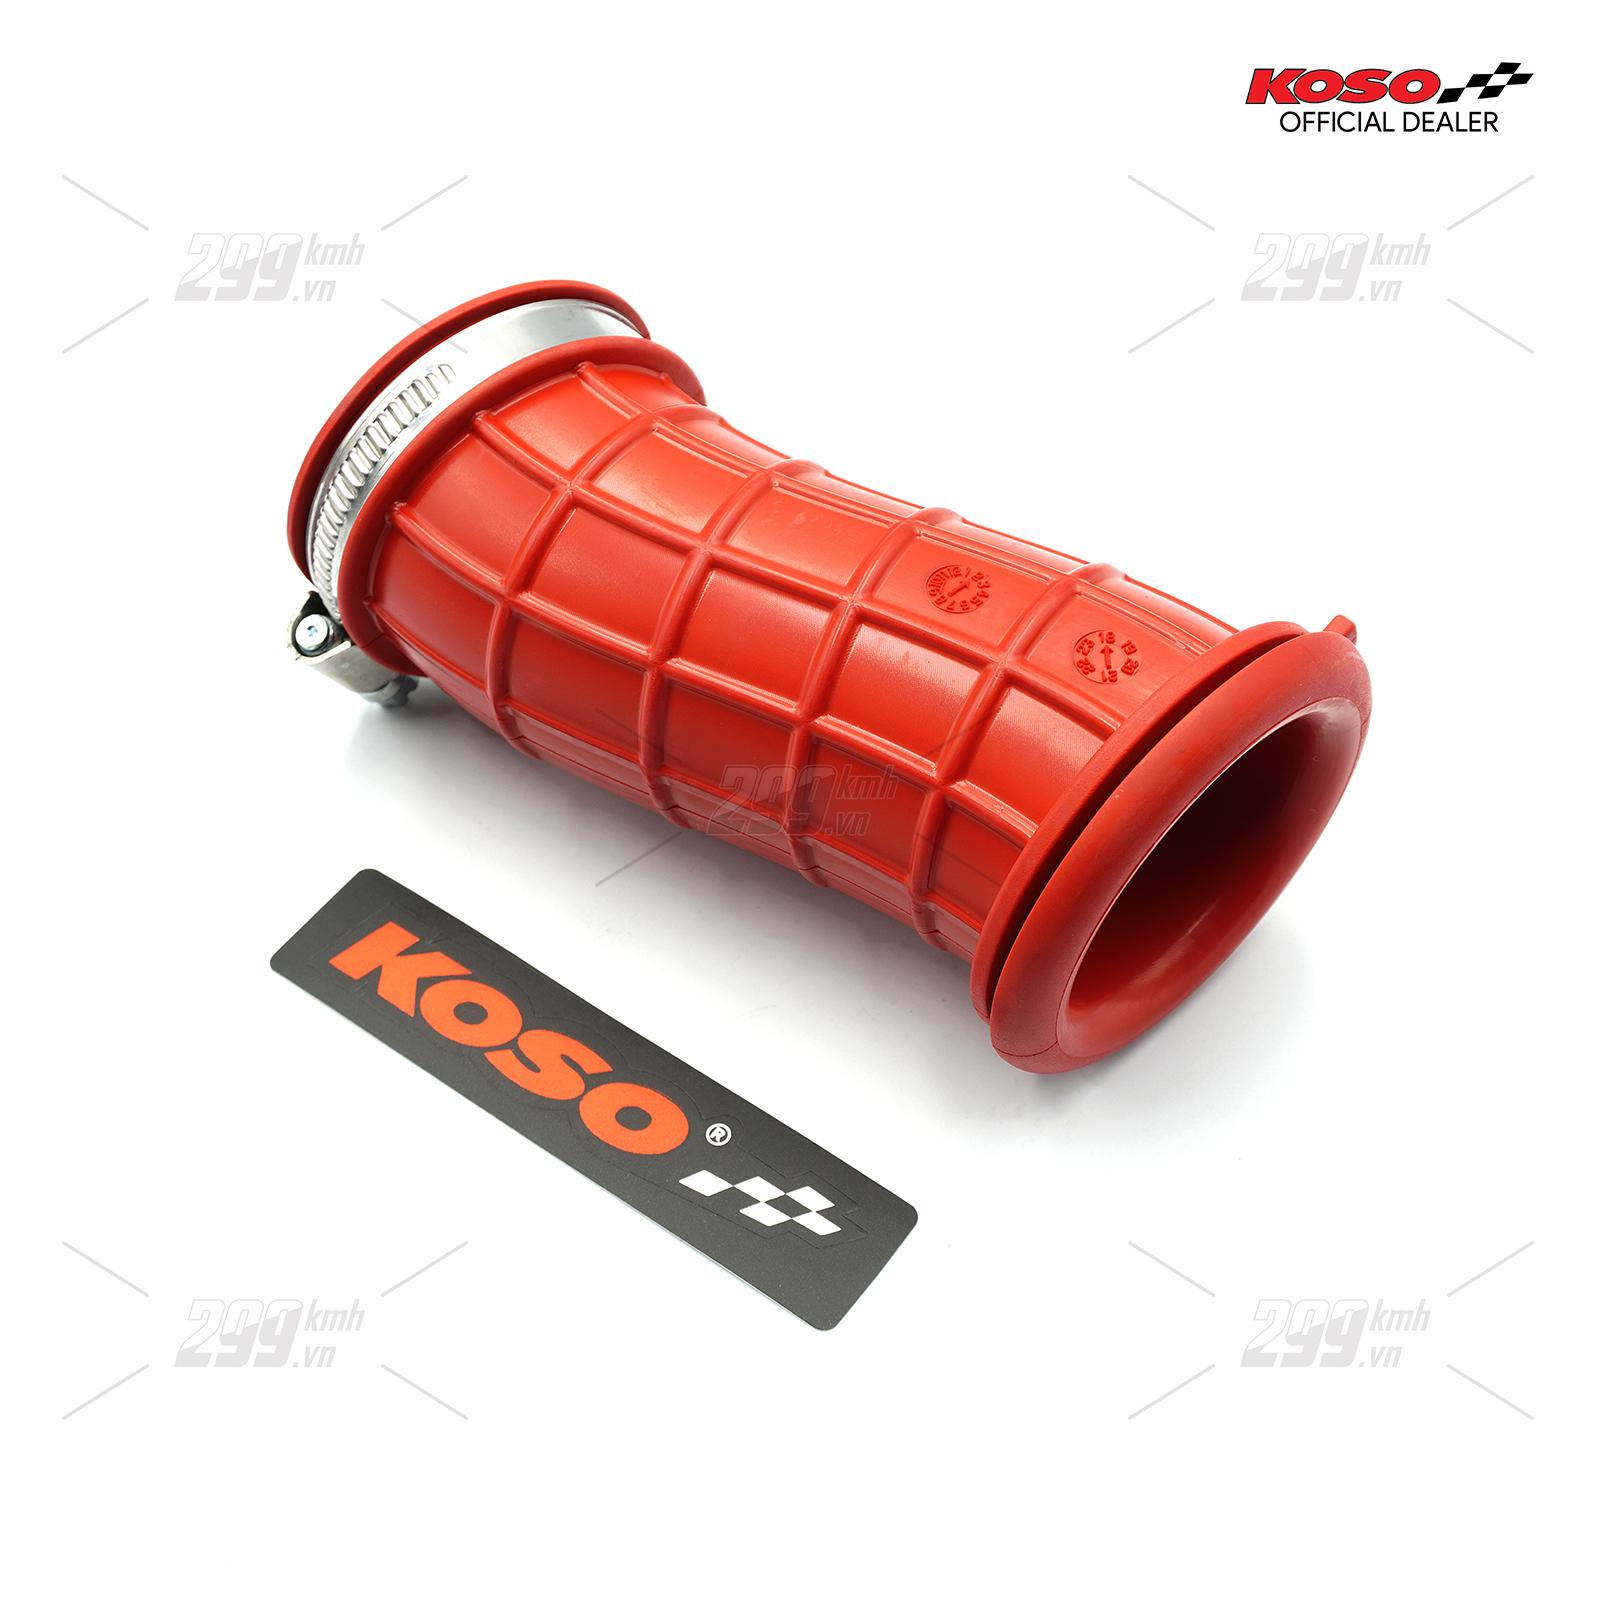 [WINNER] Co nối (ống nối) bầu lọc gió Koso Racing cho Winner, Winner X, Sonic